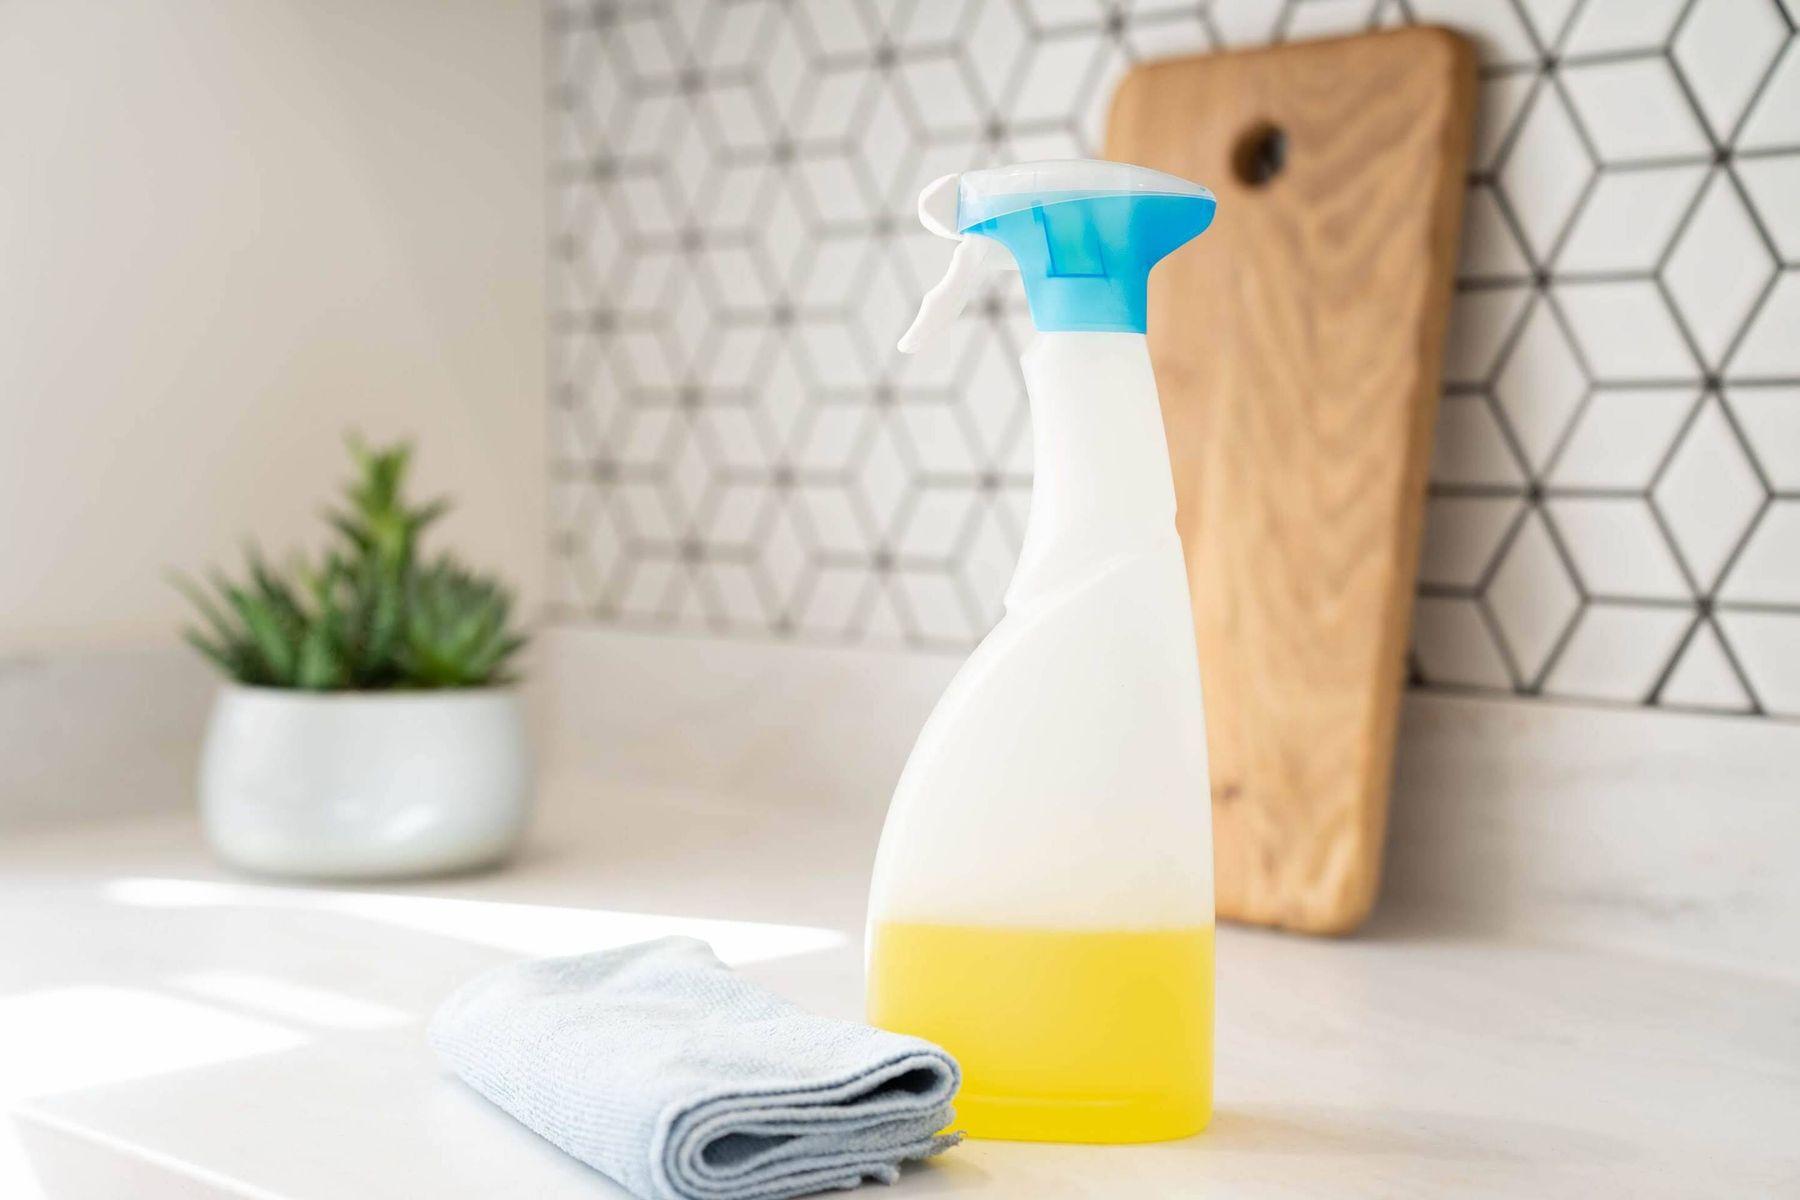 Mutfak tezgahı, kesme tahtası ve plastik temizlik spreyi